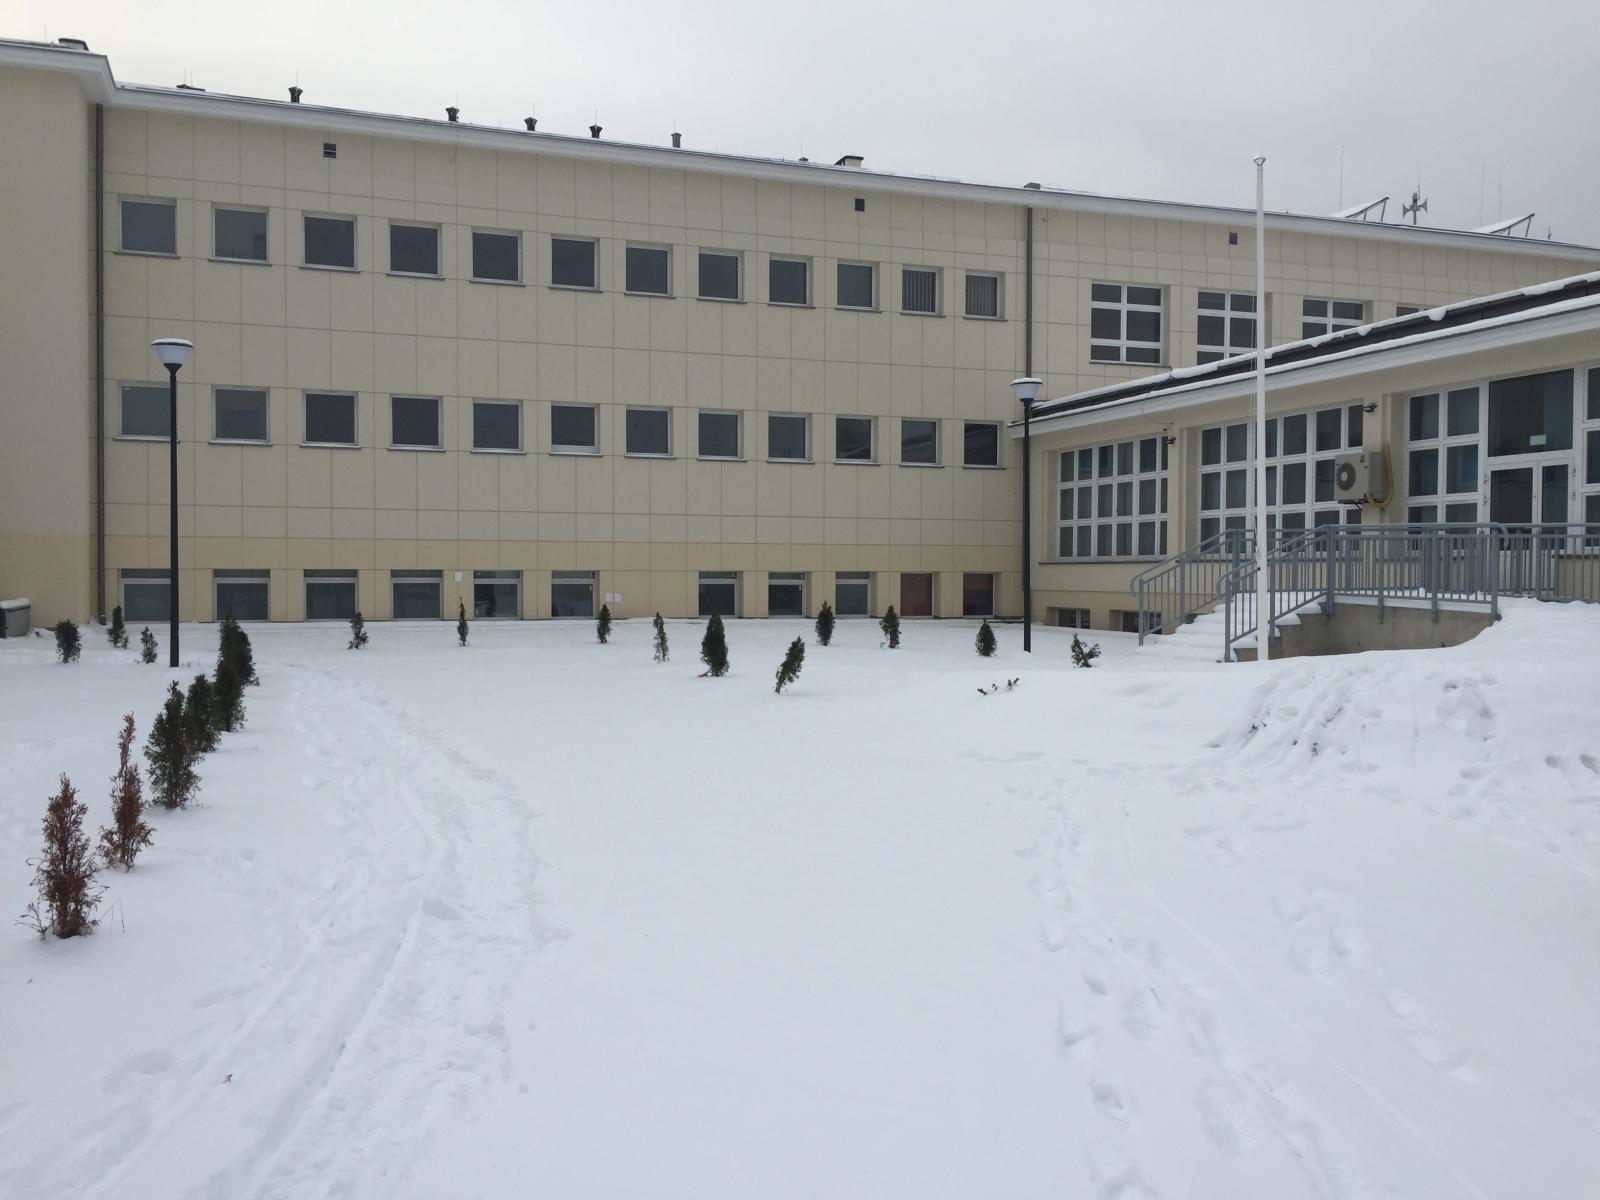 Szkoła w zimowej szacie